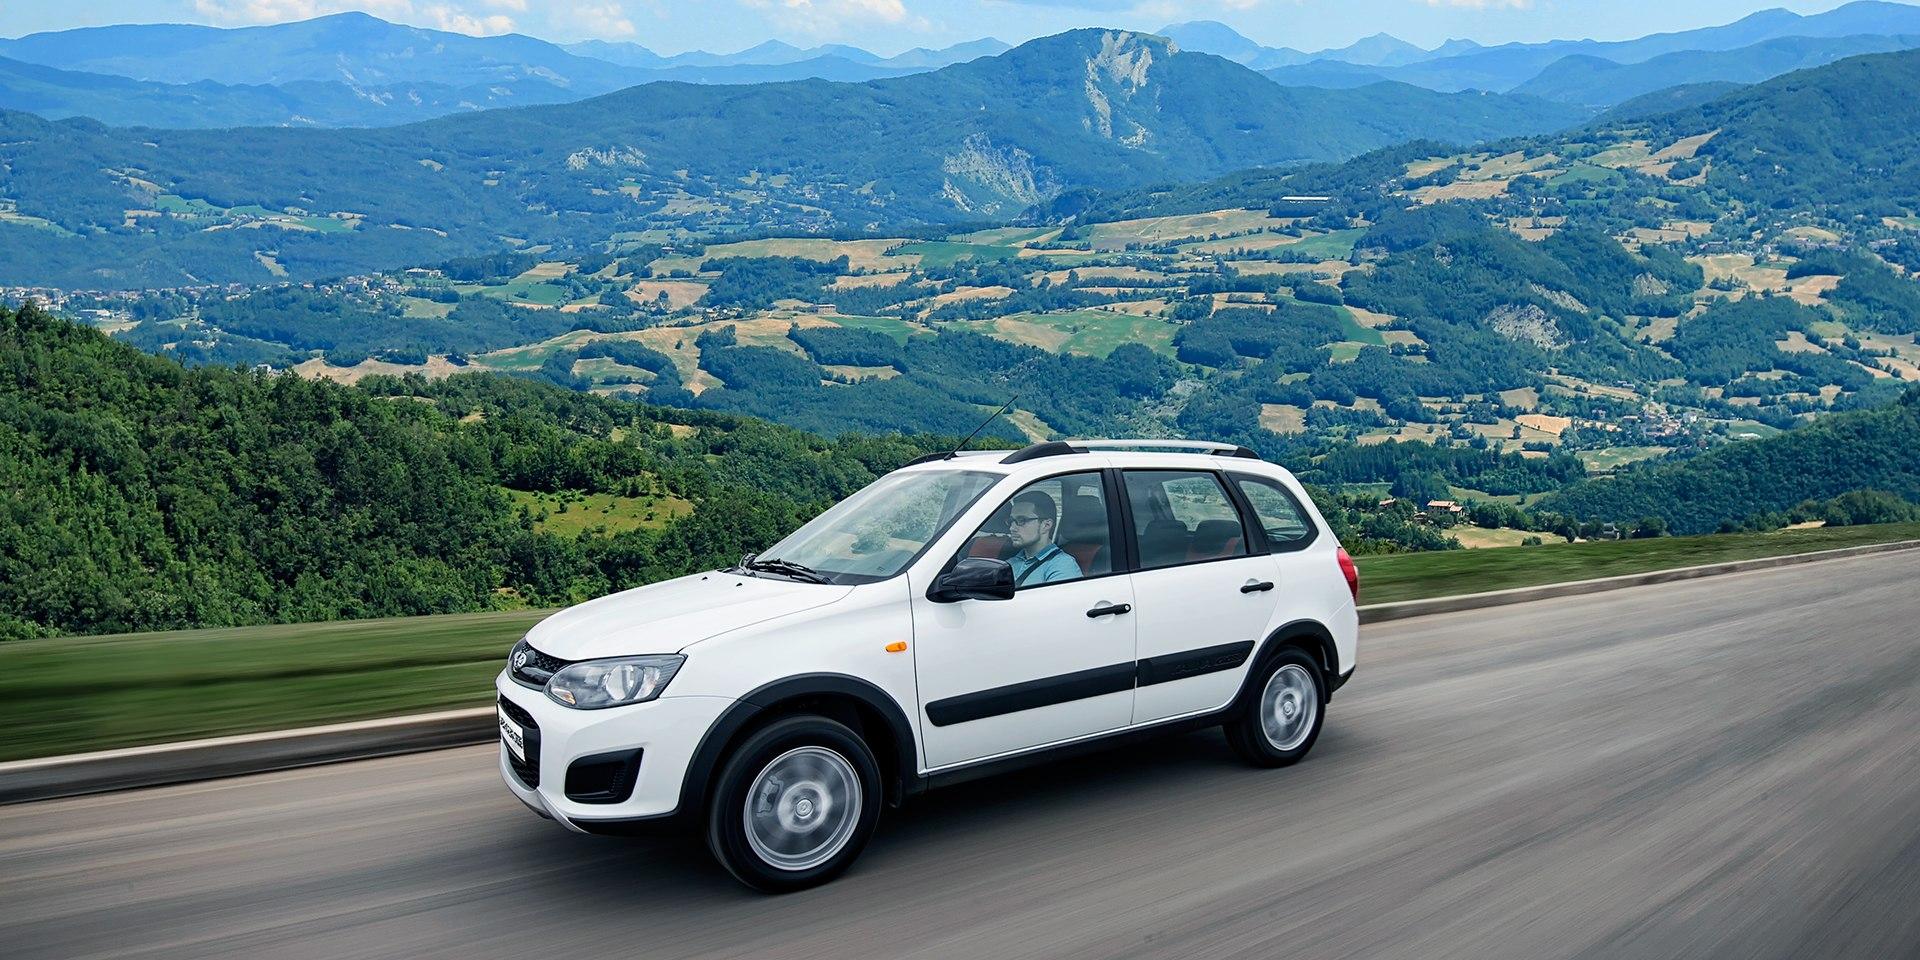 Lada Kalina Cross 2019: фото, цена, комплектации и характеристики нового авто рекомендации